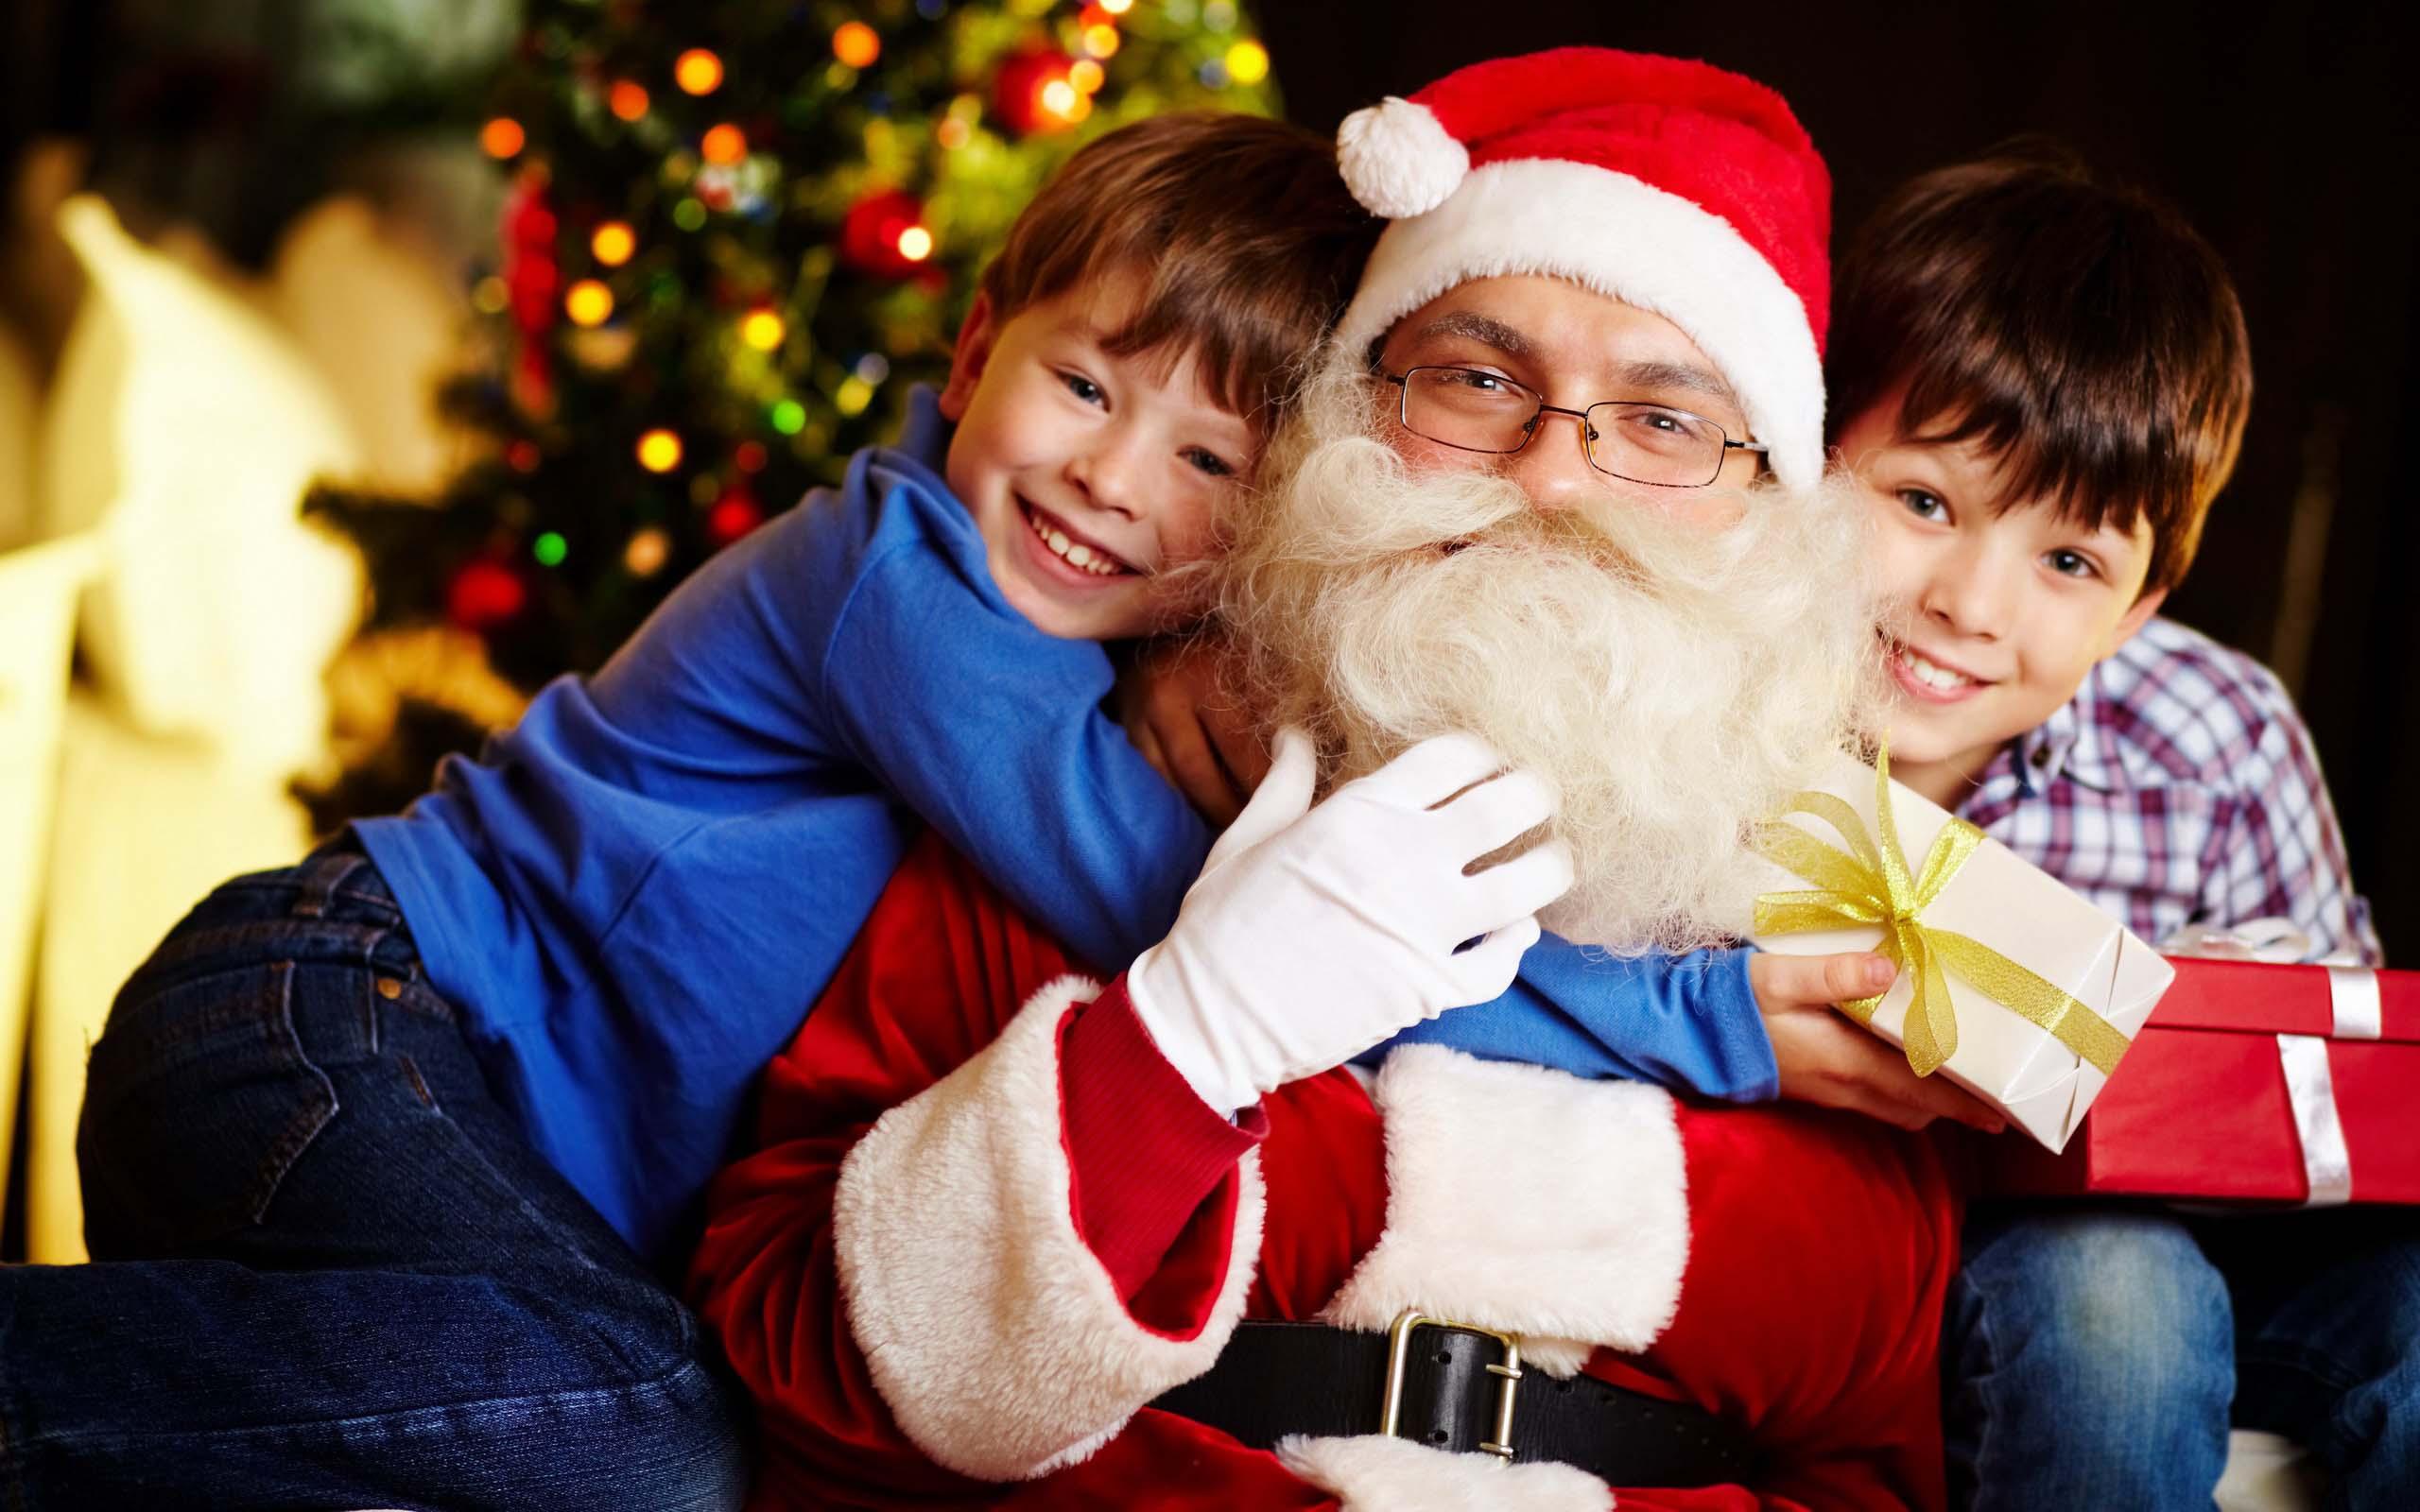 Смотреть как дед мороз дарит подарки